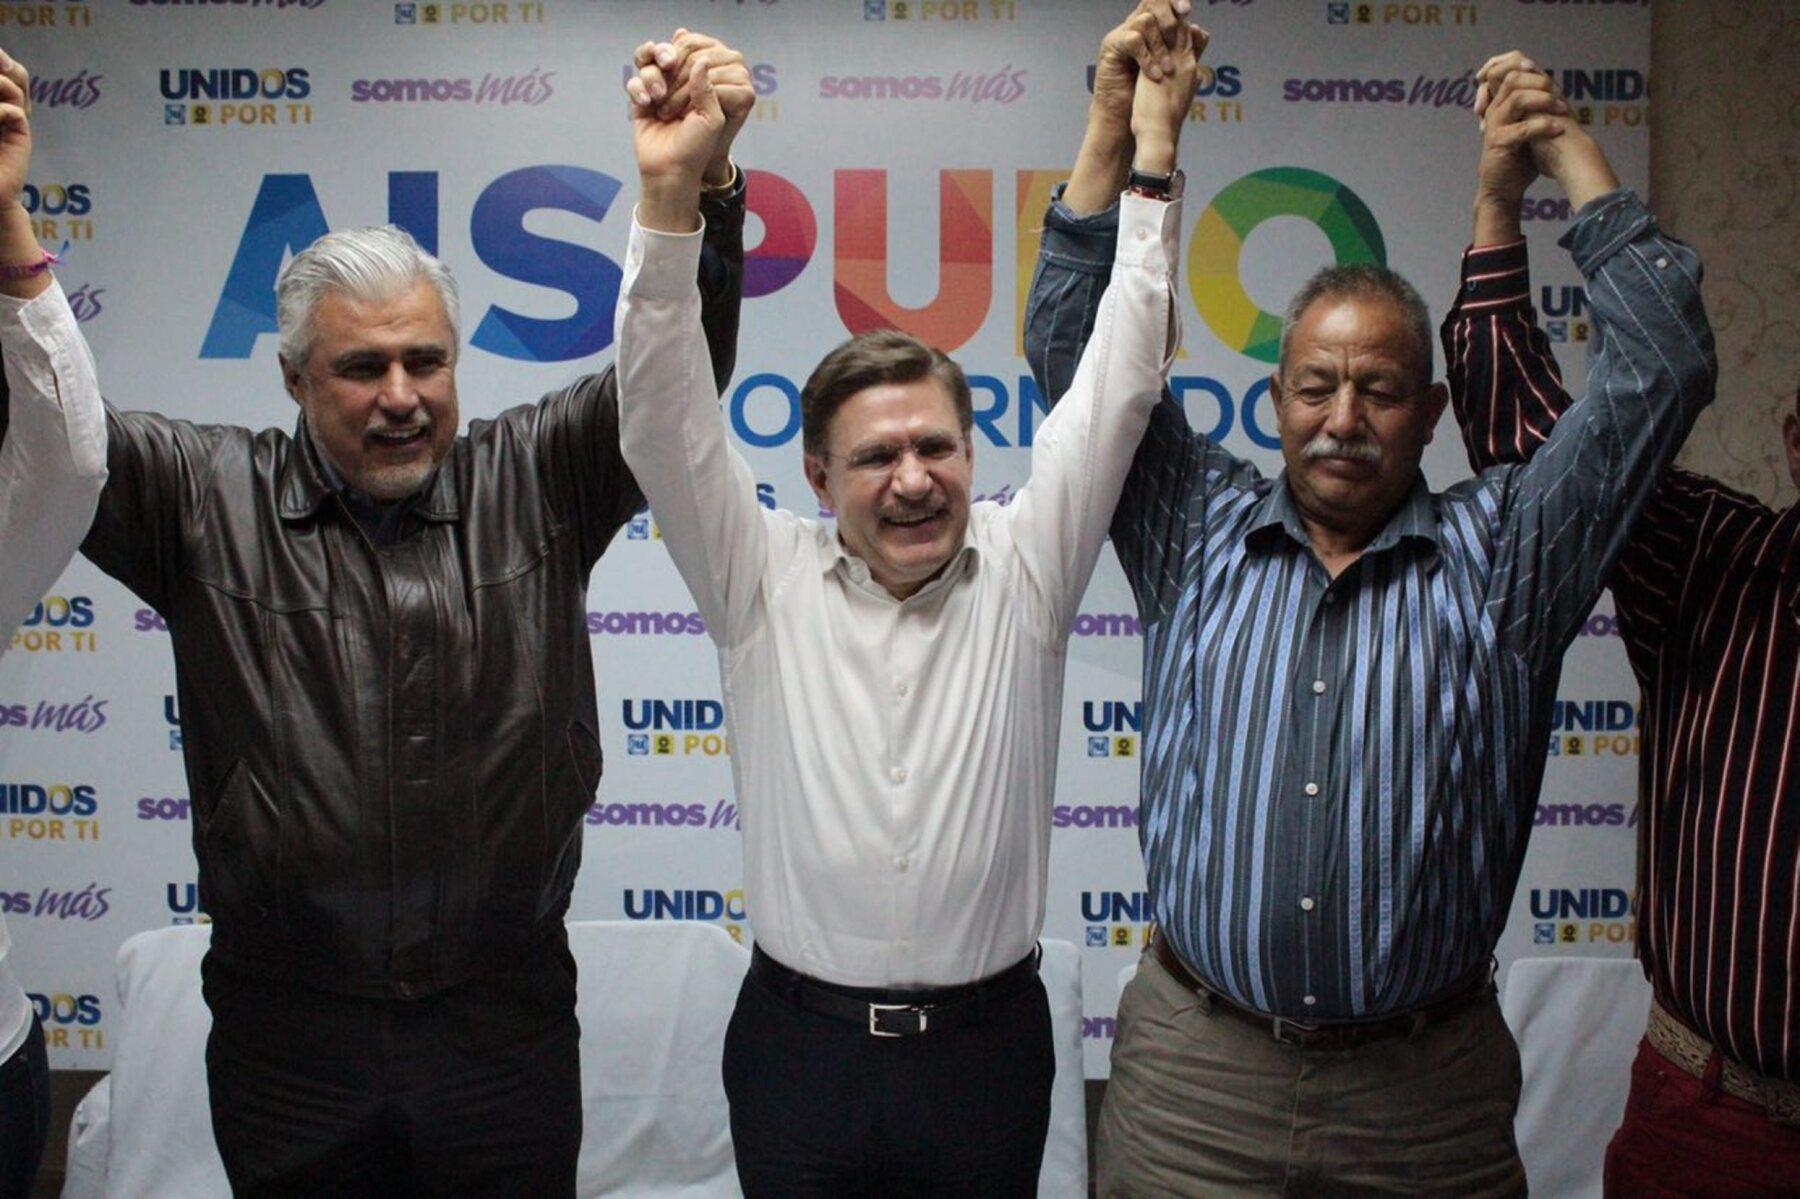 1 gubernatura, 39 alcaldías y 25 diputaciones estuvieron en disputa en las elecciones del 5 de junio.